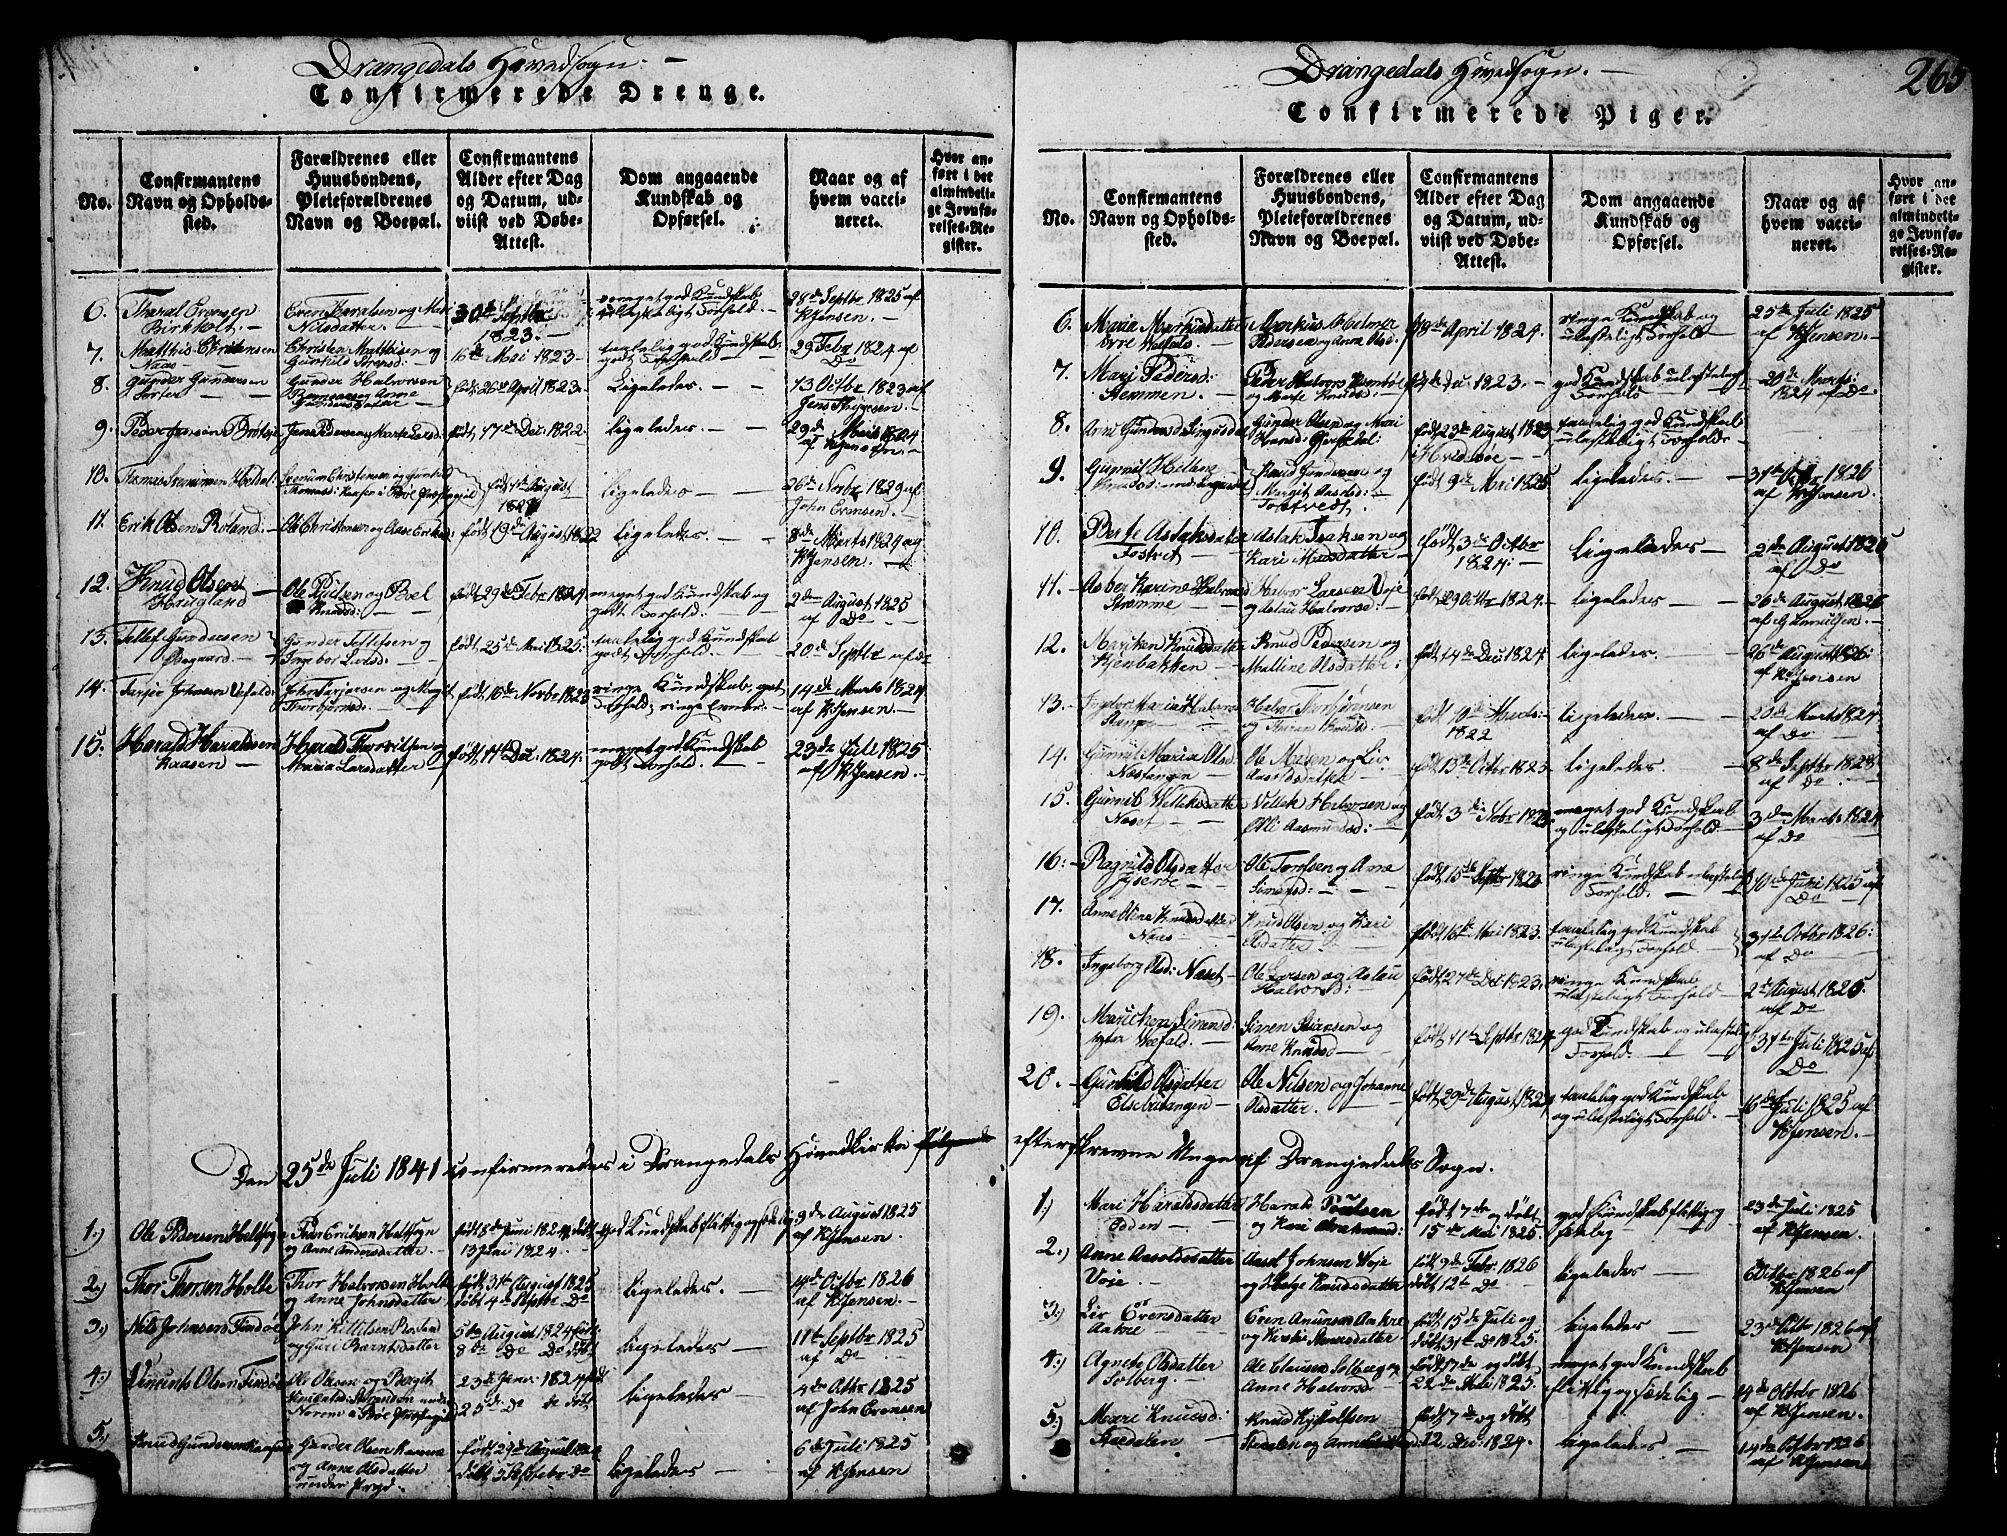 SAKO, Drangedal kirkebøker, G/Ga/L0001: Klokkerbok nr. I 1 /1, 1814-1856, s. 265